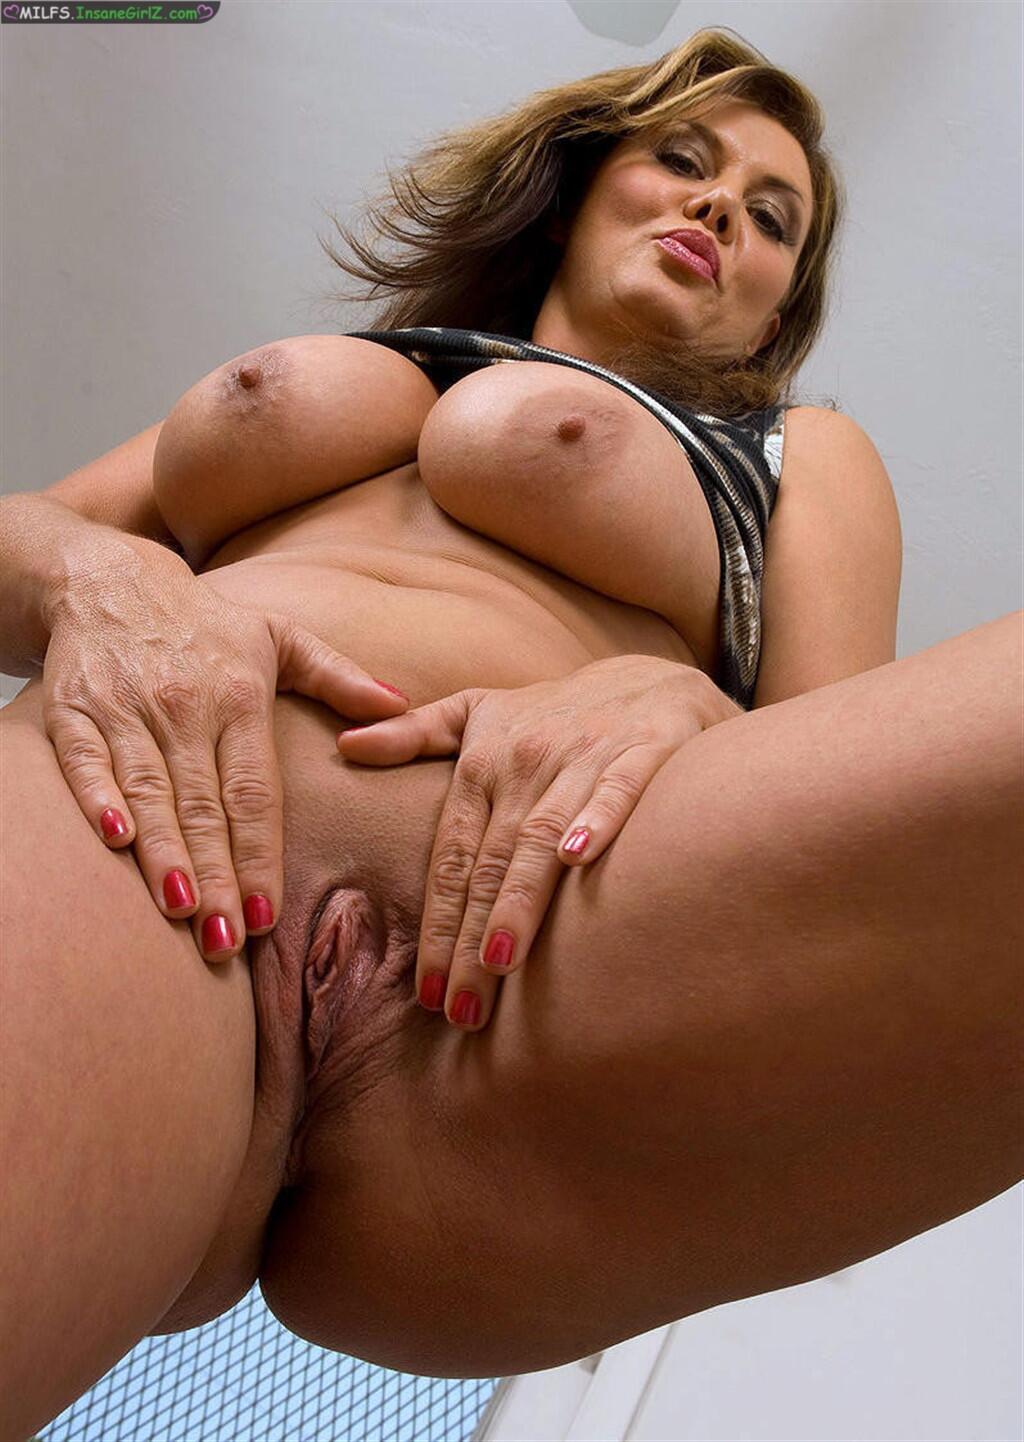 Секс в пизду виде 19 фотография